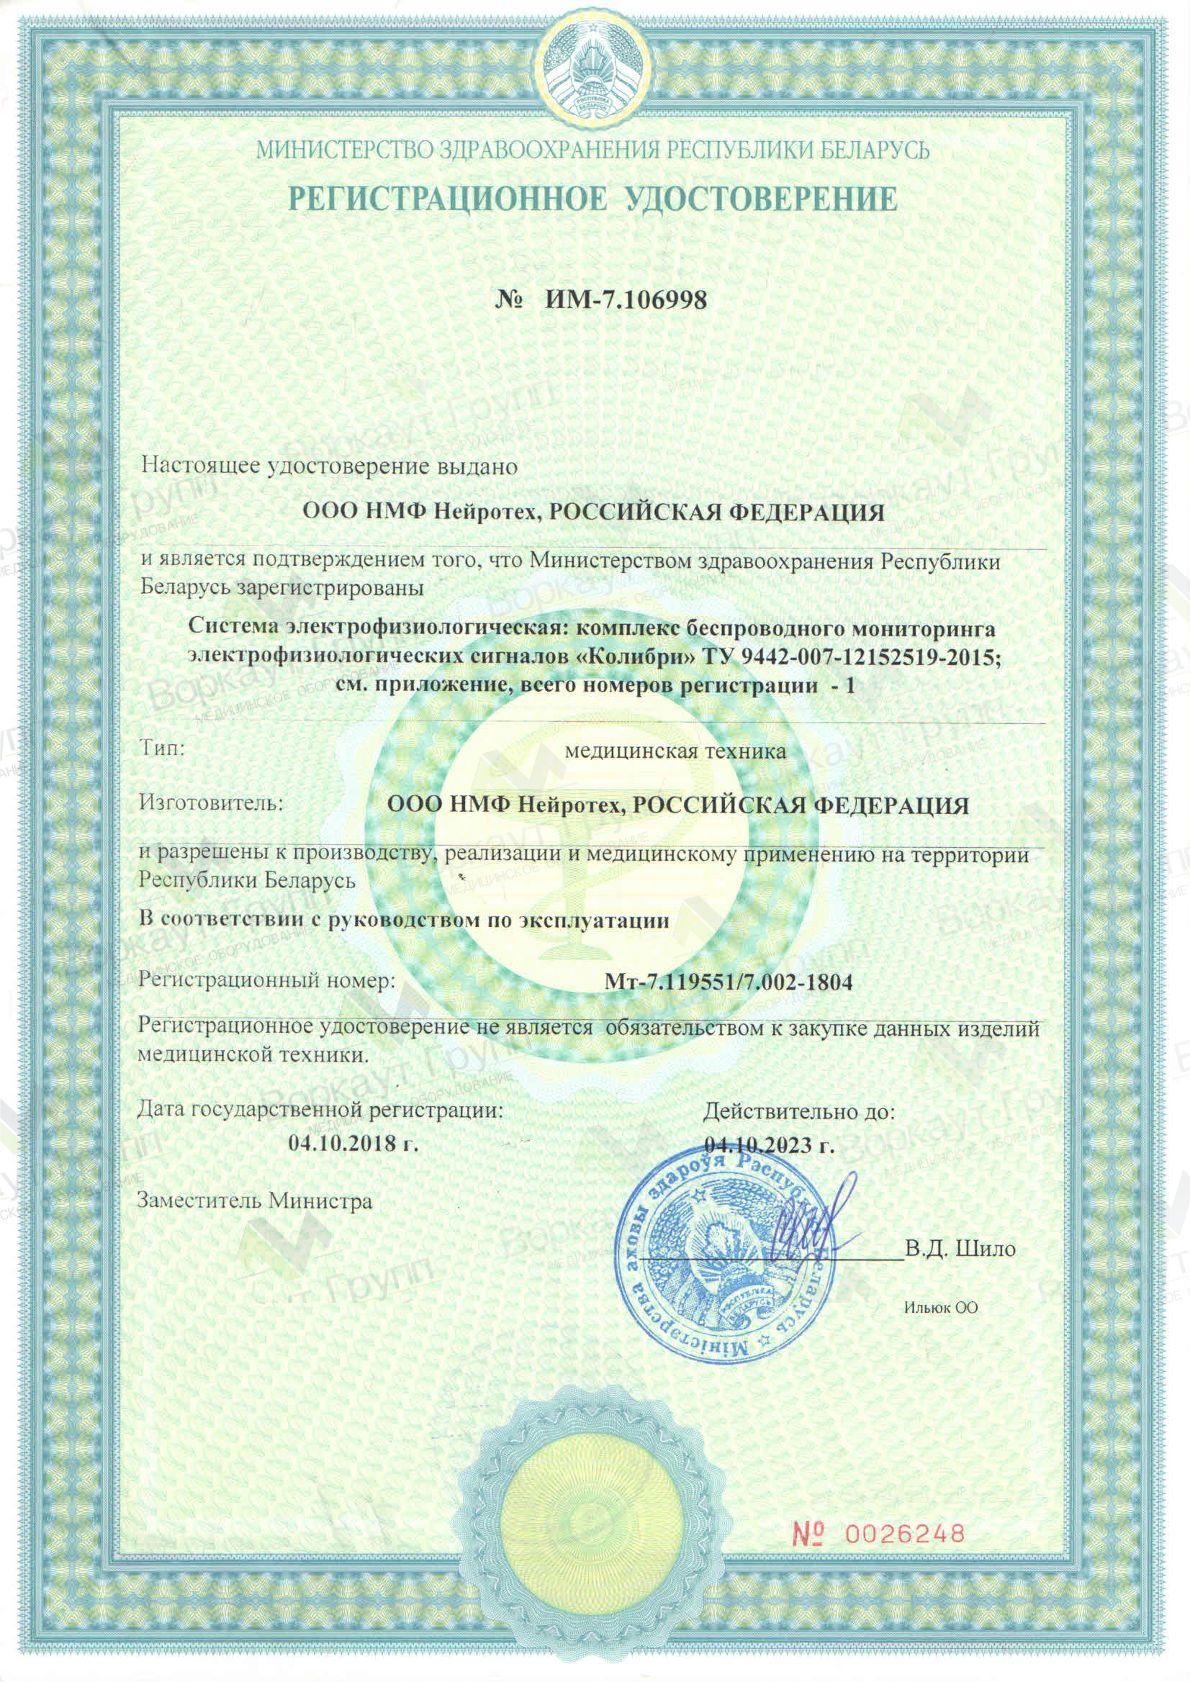 """Регистрационное удостоверение системы БОС """"Колибри"""" (психоэмоциональной)"""